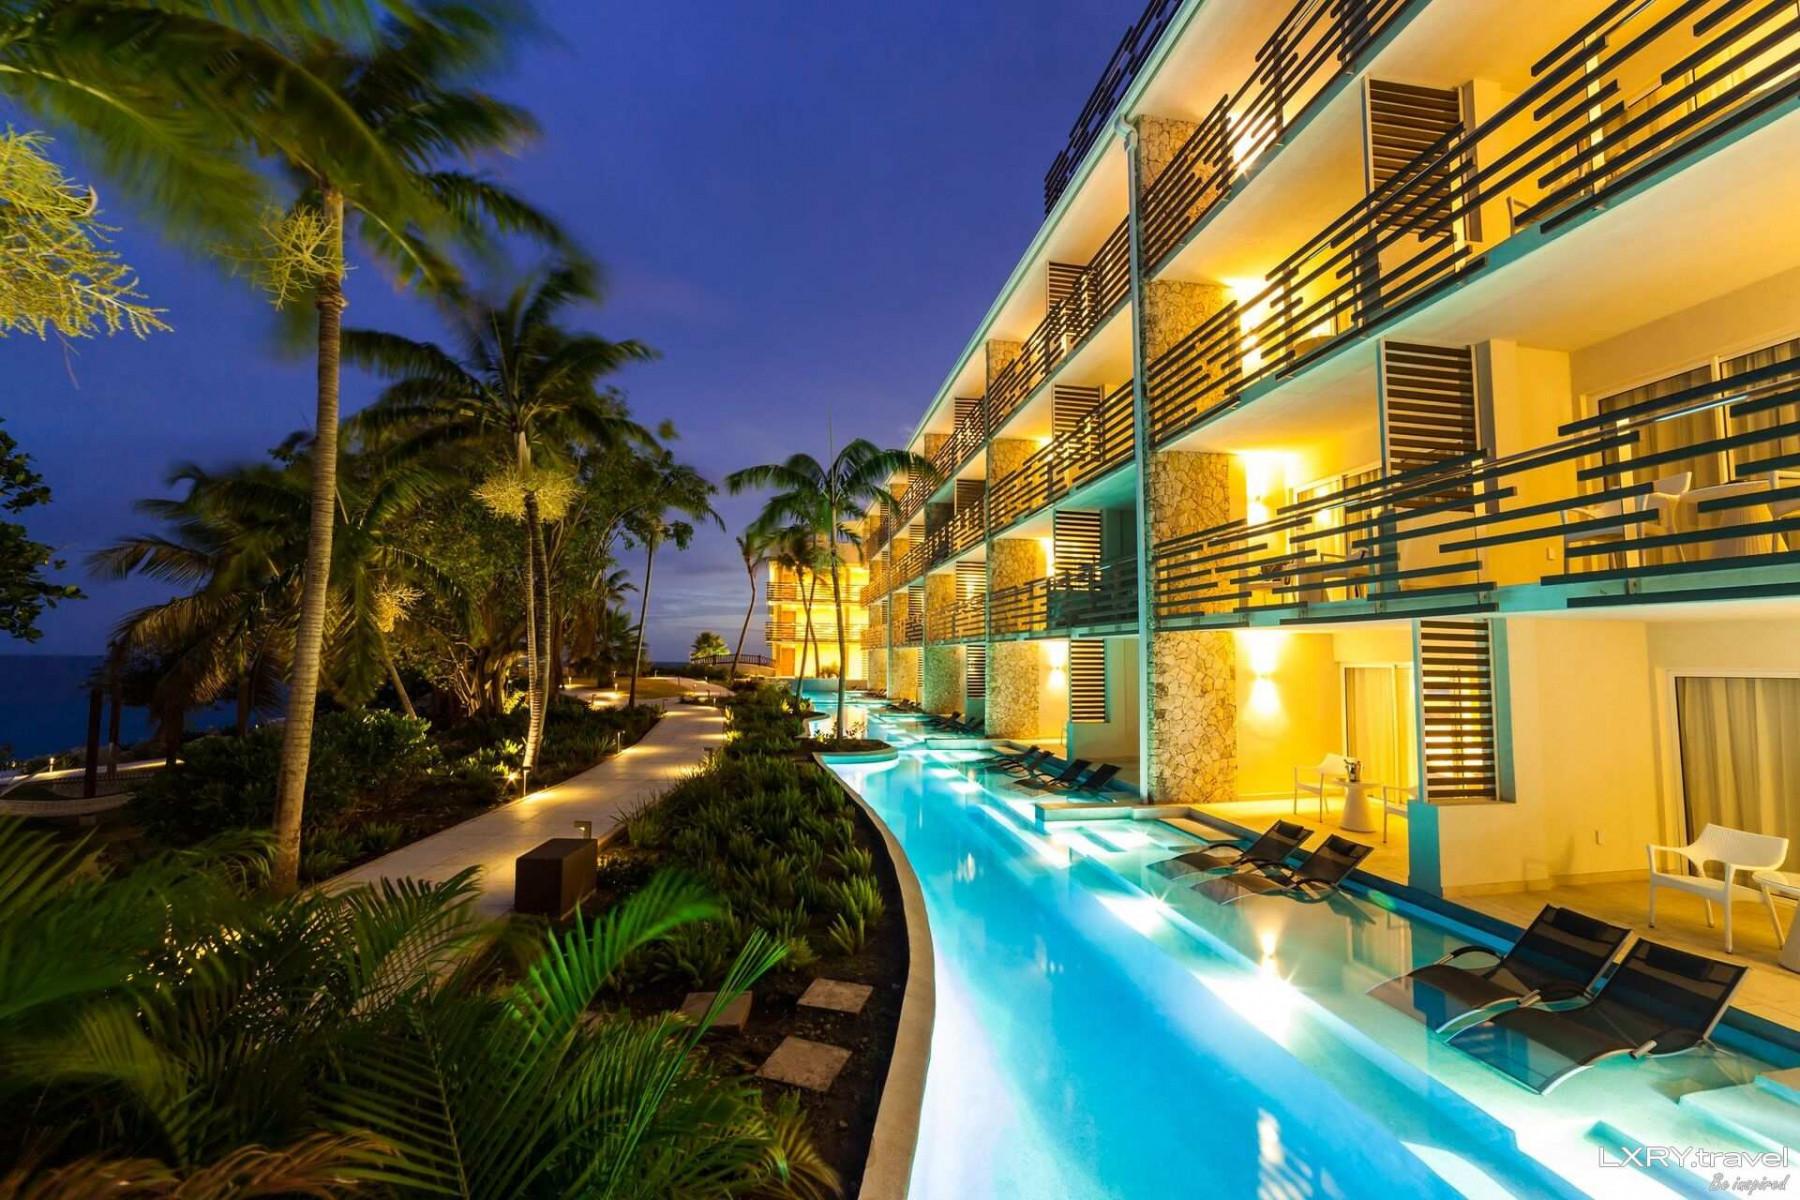 HOTEL SAINT MARTIN SONESTA OCEAN POINT 5*